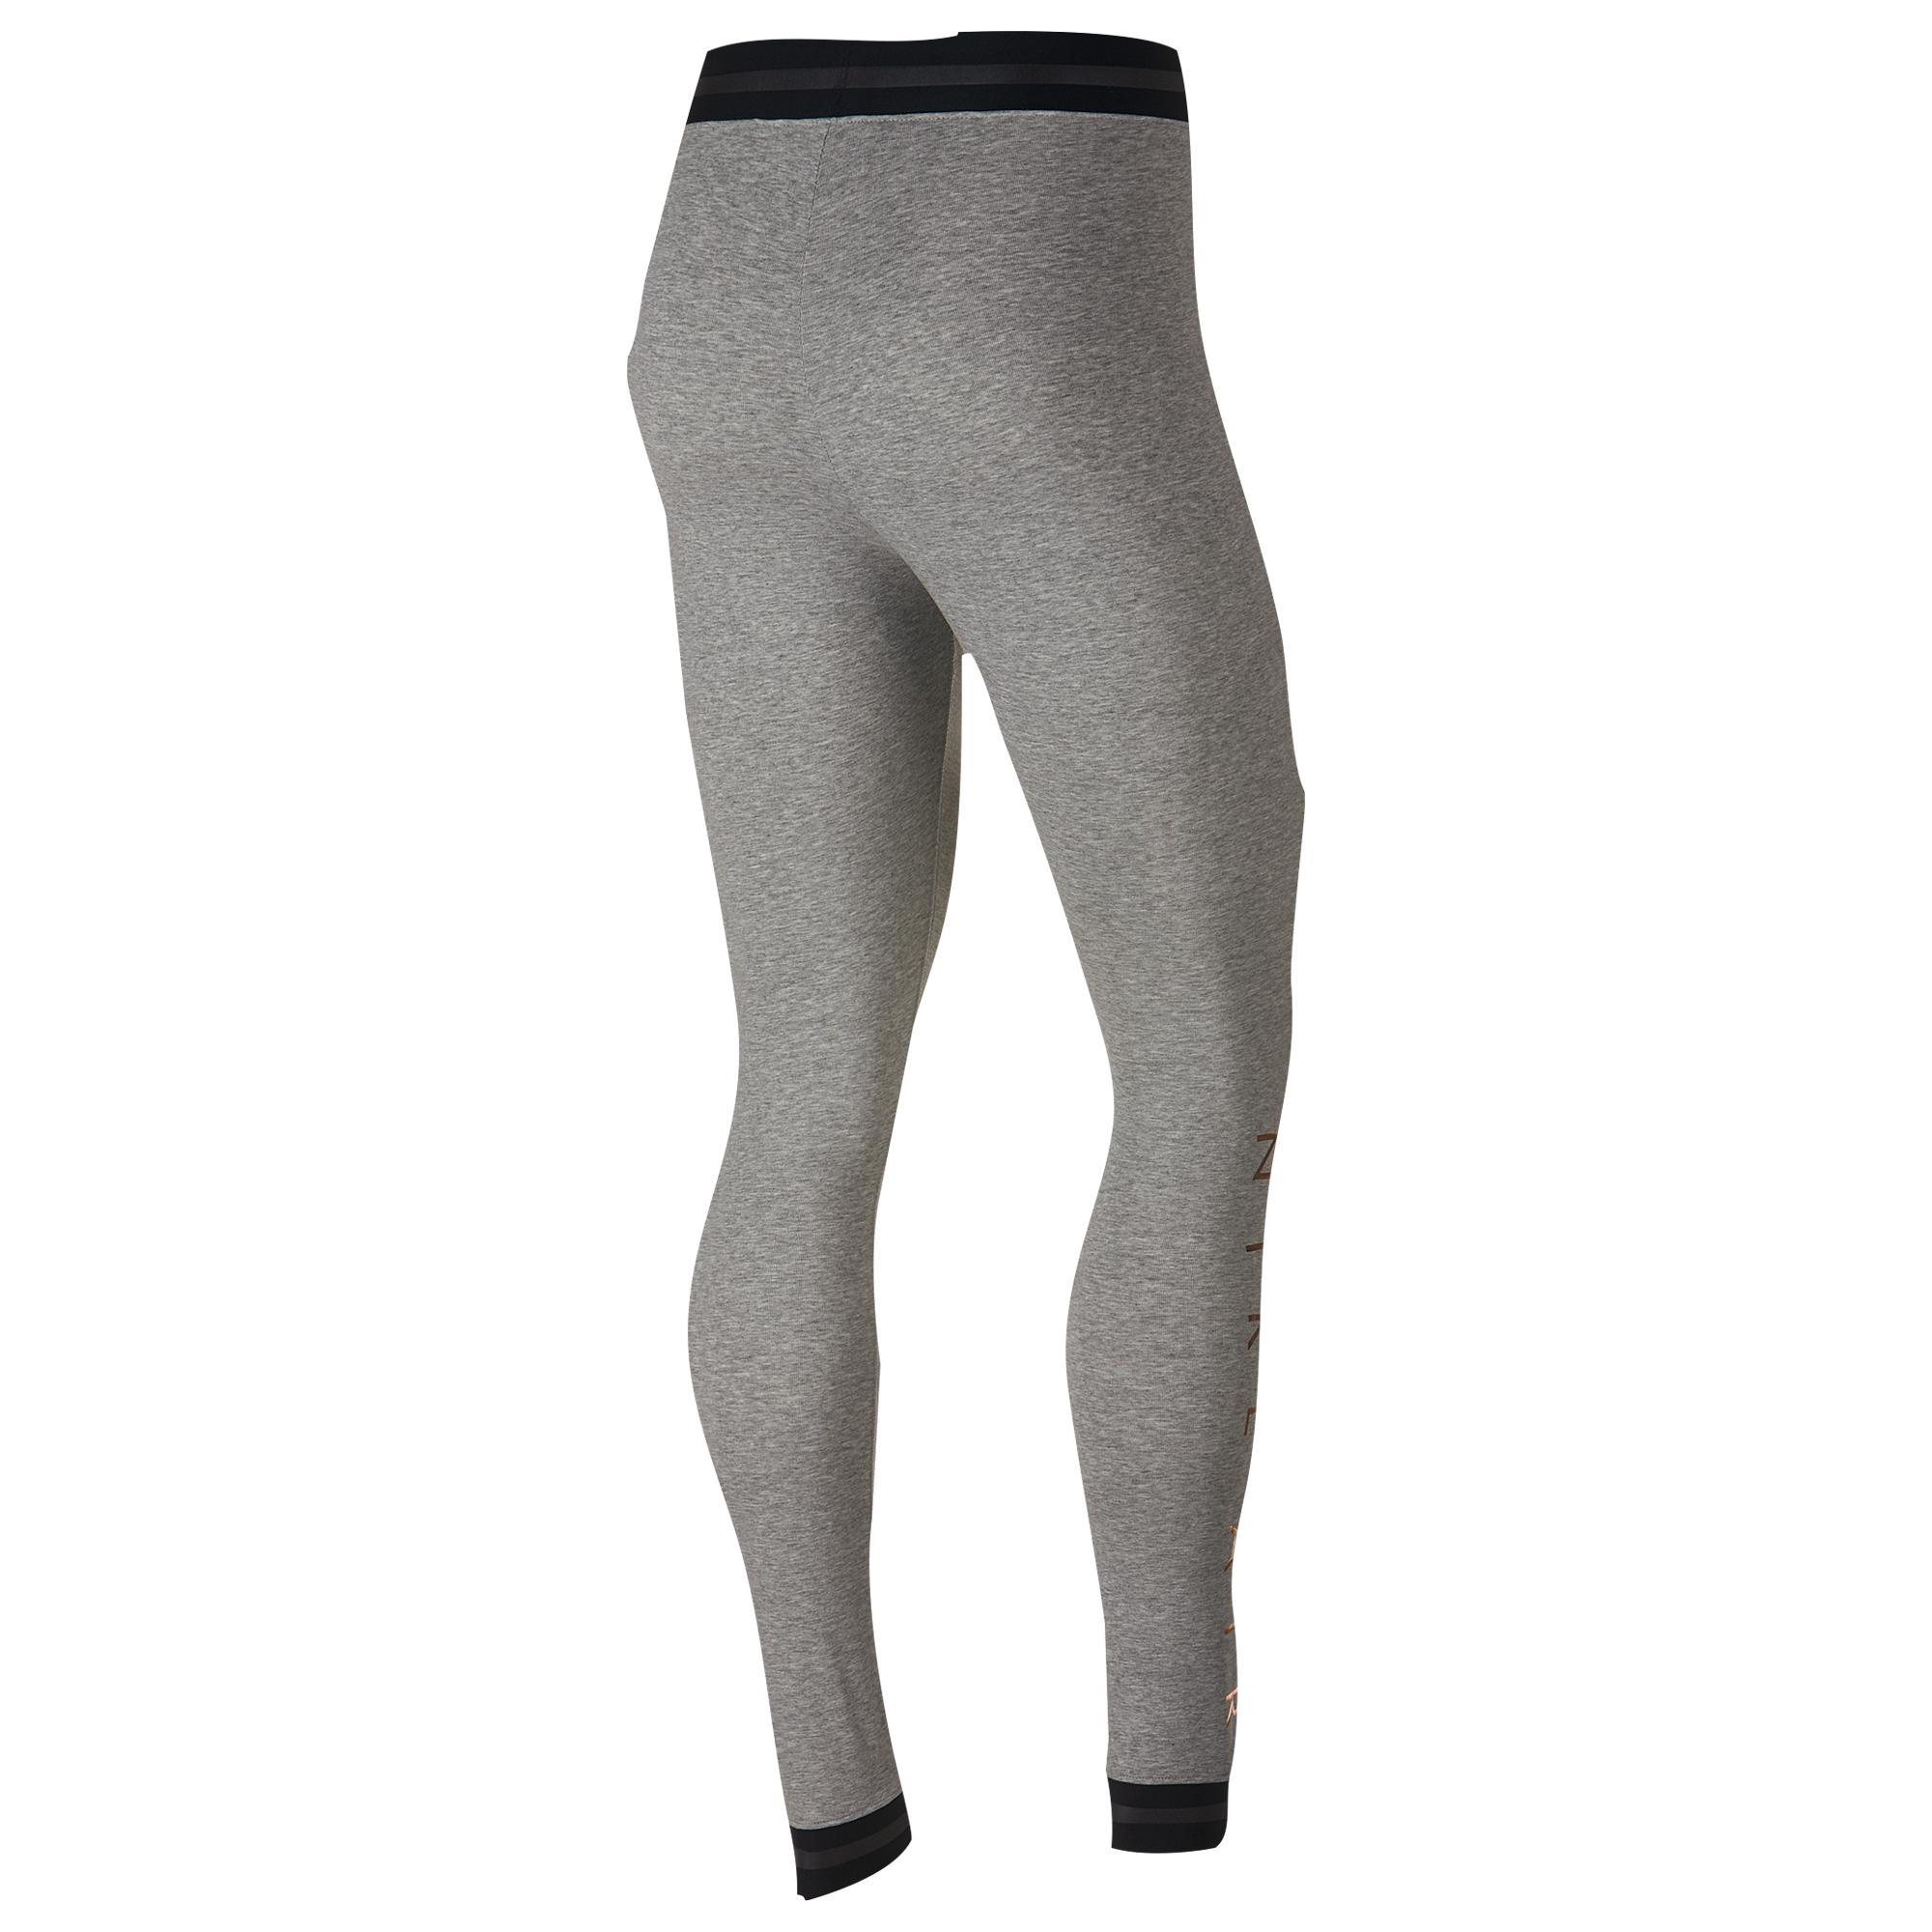 50c25dff75450 Nike - Gray Rose Gold Metallic Air Leggings - Lyst. View fullscreen